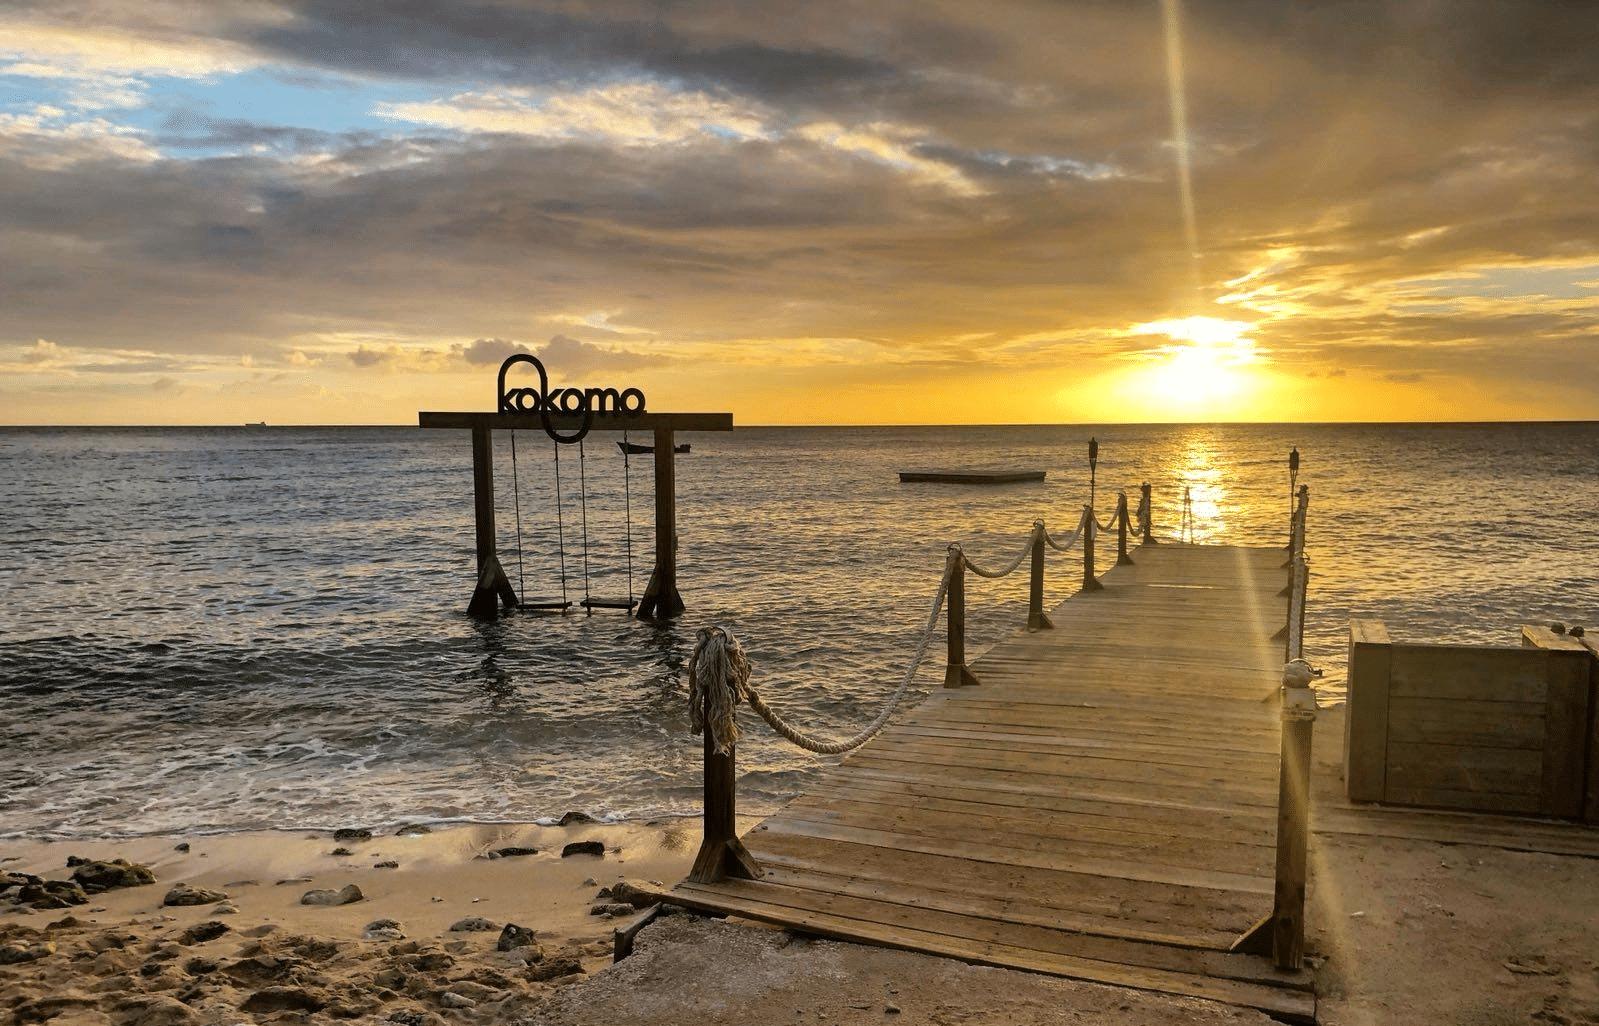 Kokomo Beach House Reef | Curaçao Dive Site Guide | Dive Travel Curacao